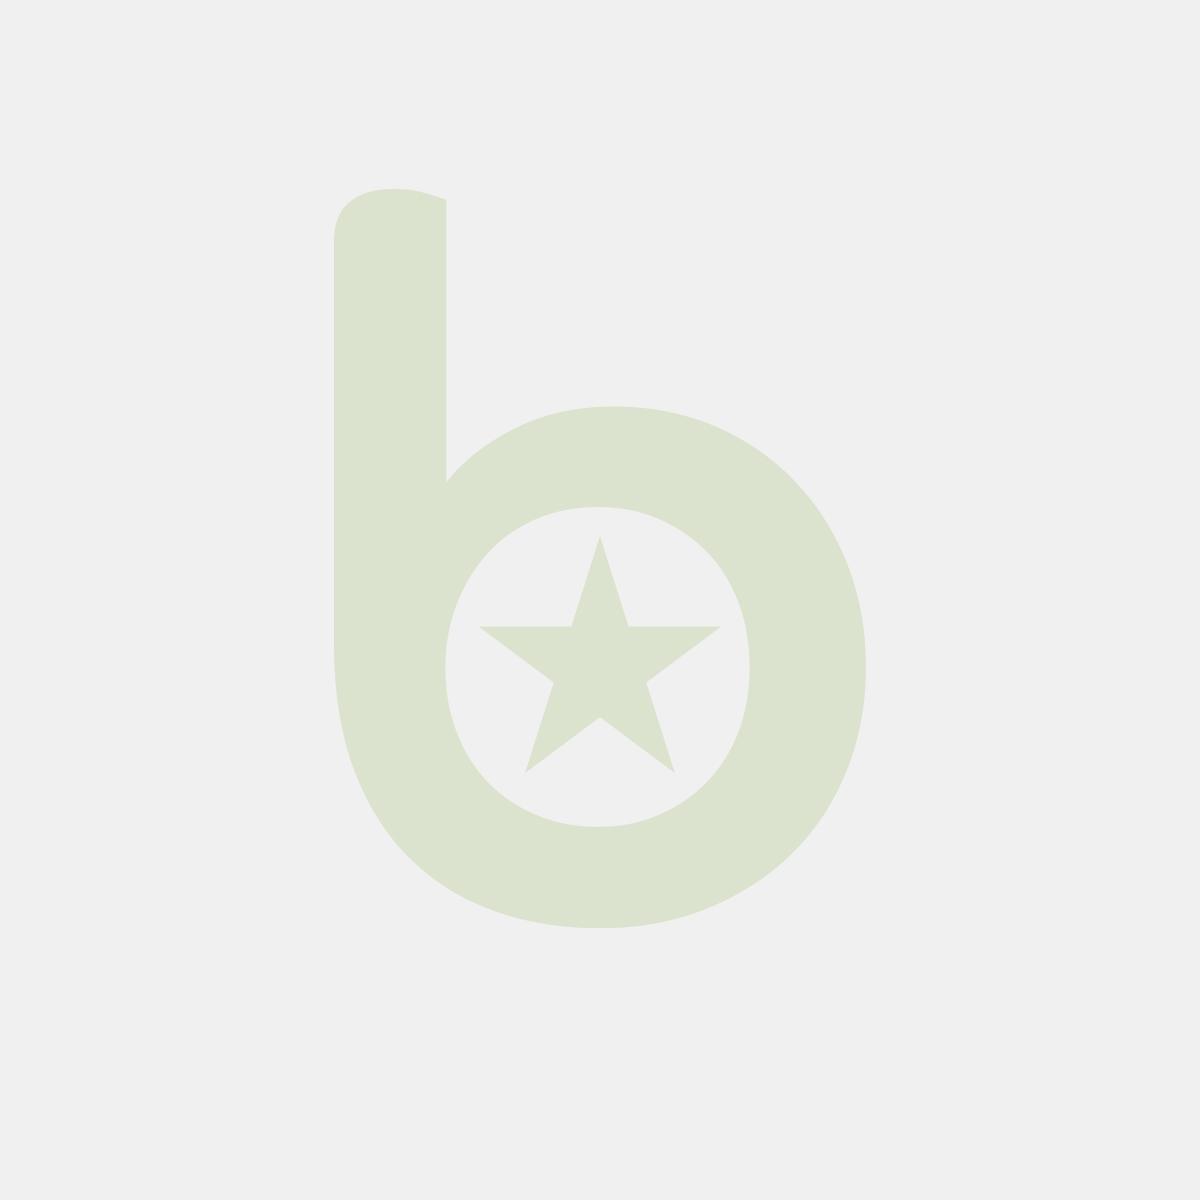 Torba klockowa biała 350x170x245 z uchem płaskim (szerokie dno)